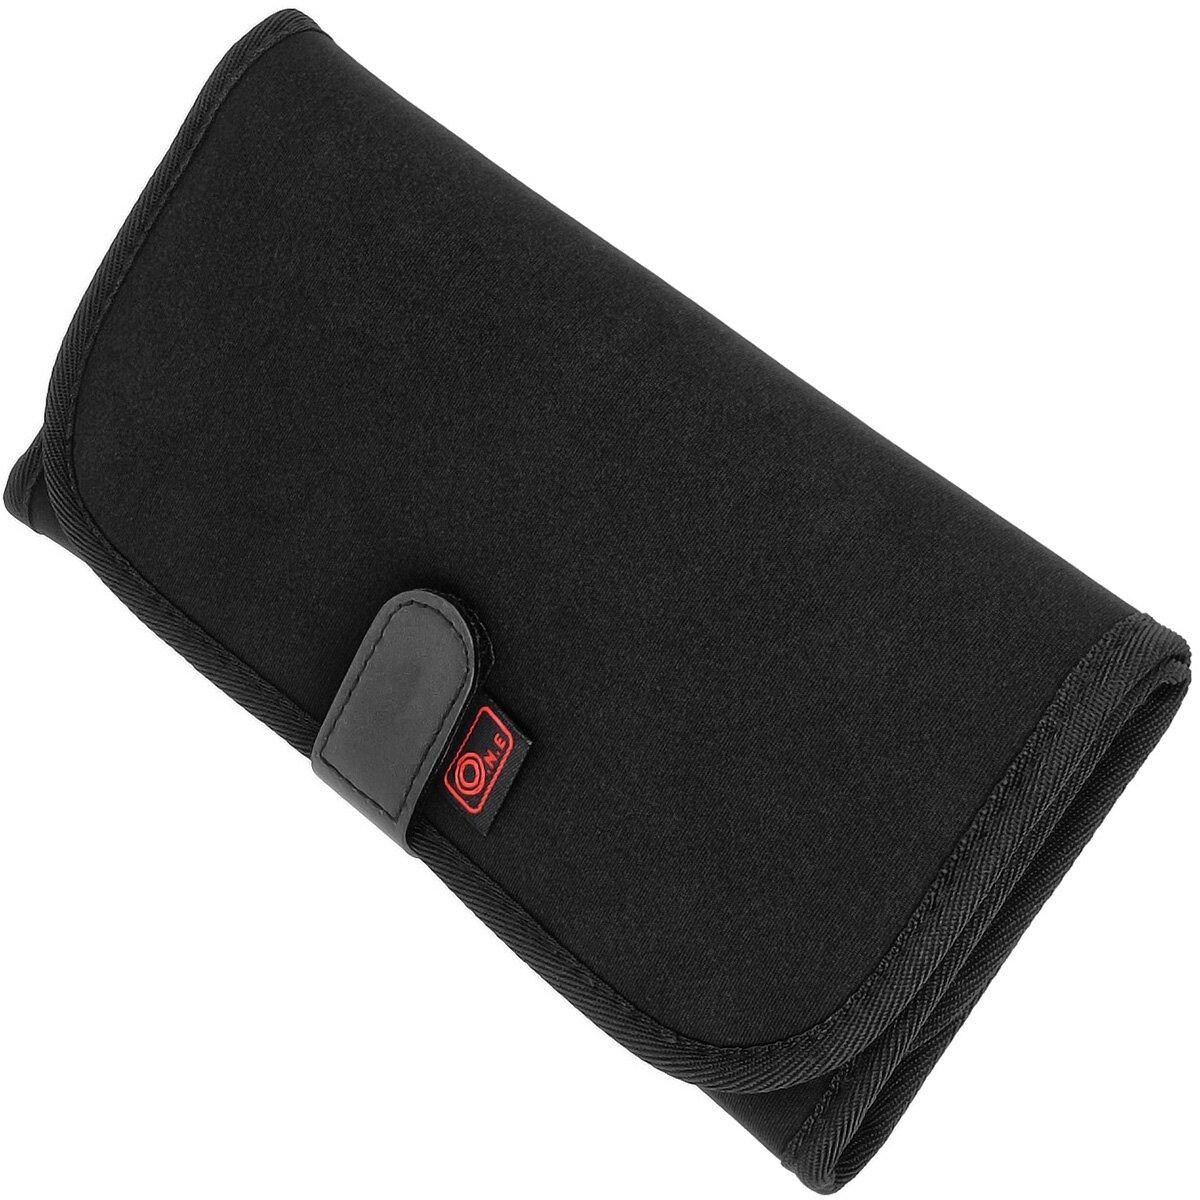 JJC Neopren Filtertasche | Etui mit Guertelschlaufe für bis zu 8 quadratische oder runde Filter | 6x 82mm & 2x 77mm | OC-P1B